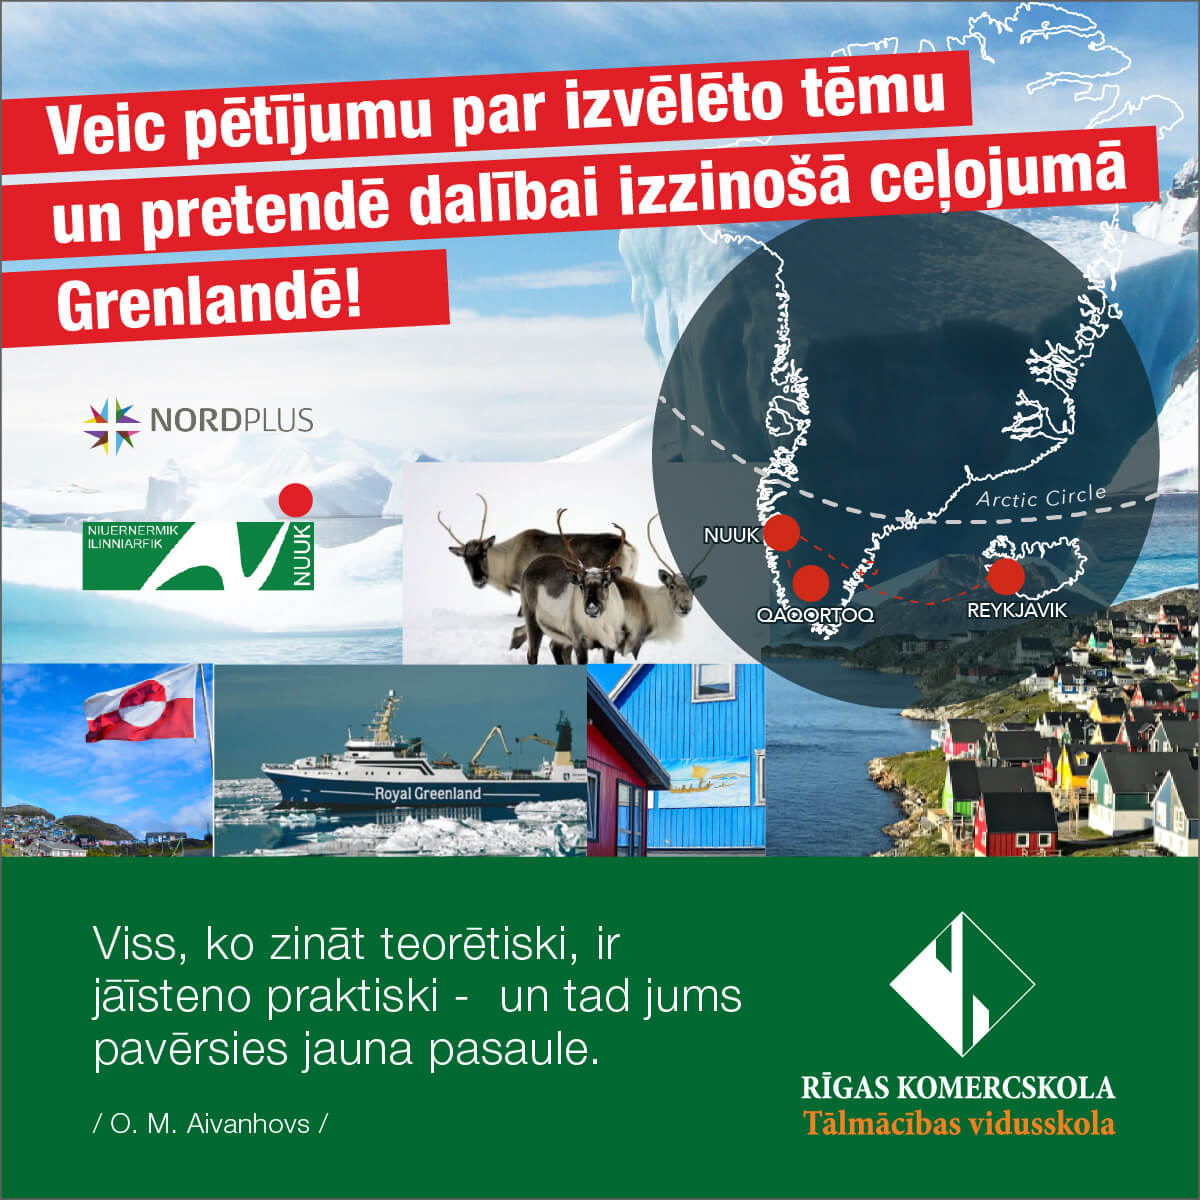 Pētījuma tēmas Rīgas Komercskolas projekta Nordplus-2020